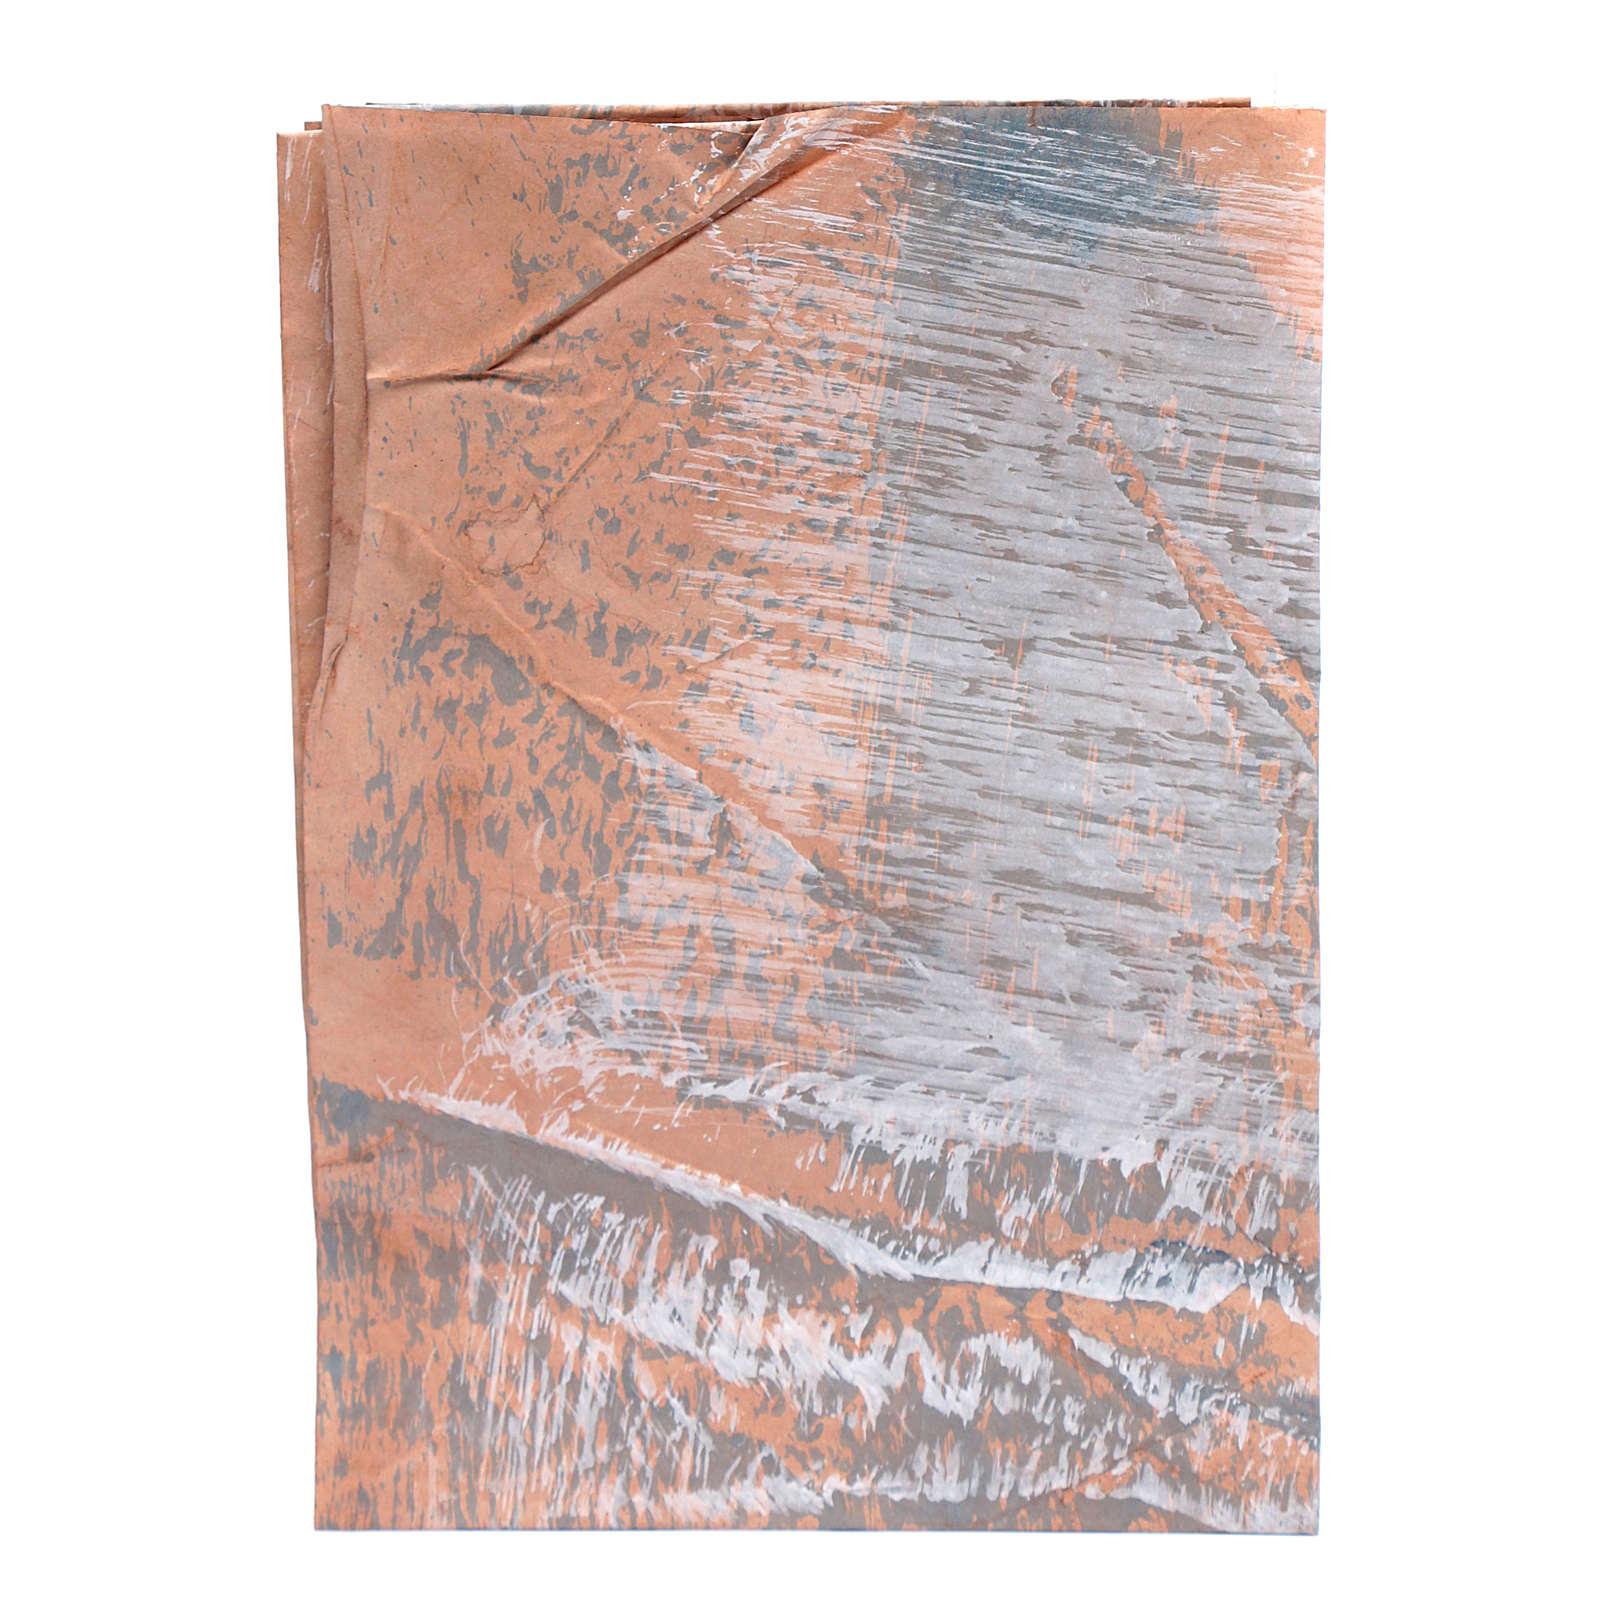 Papier skały ręcznie malowany 70x100 cm szopka zrób to sam 4